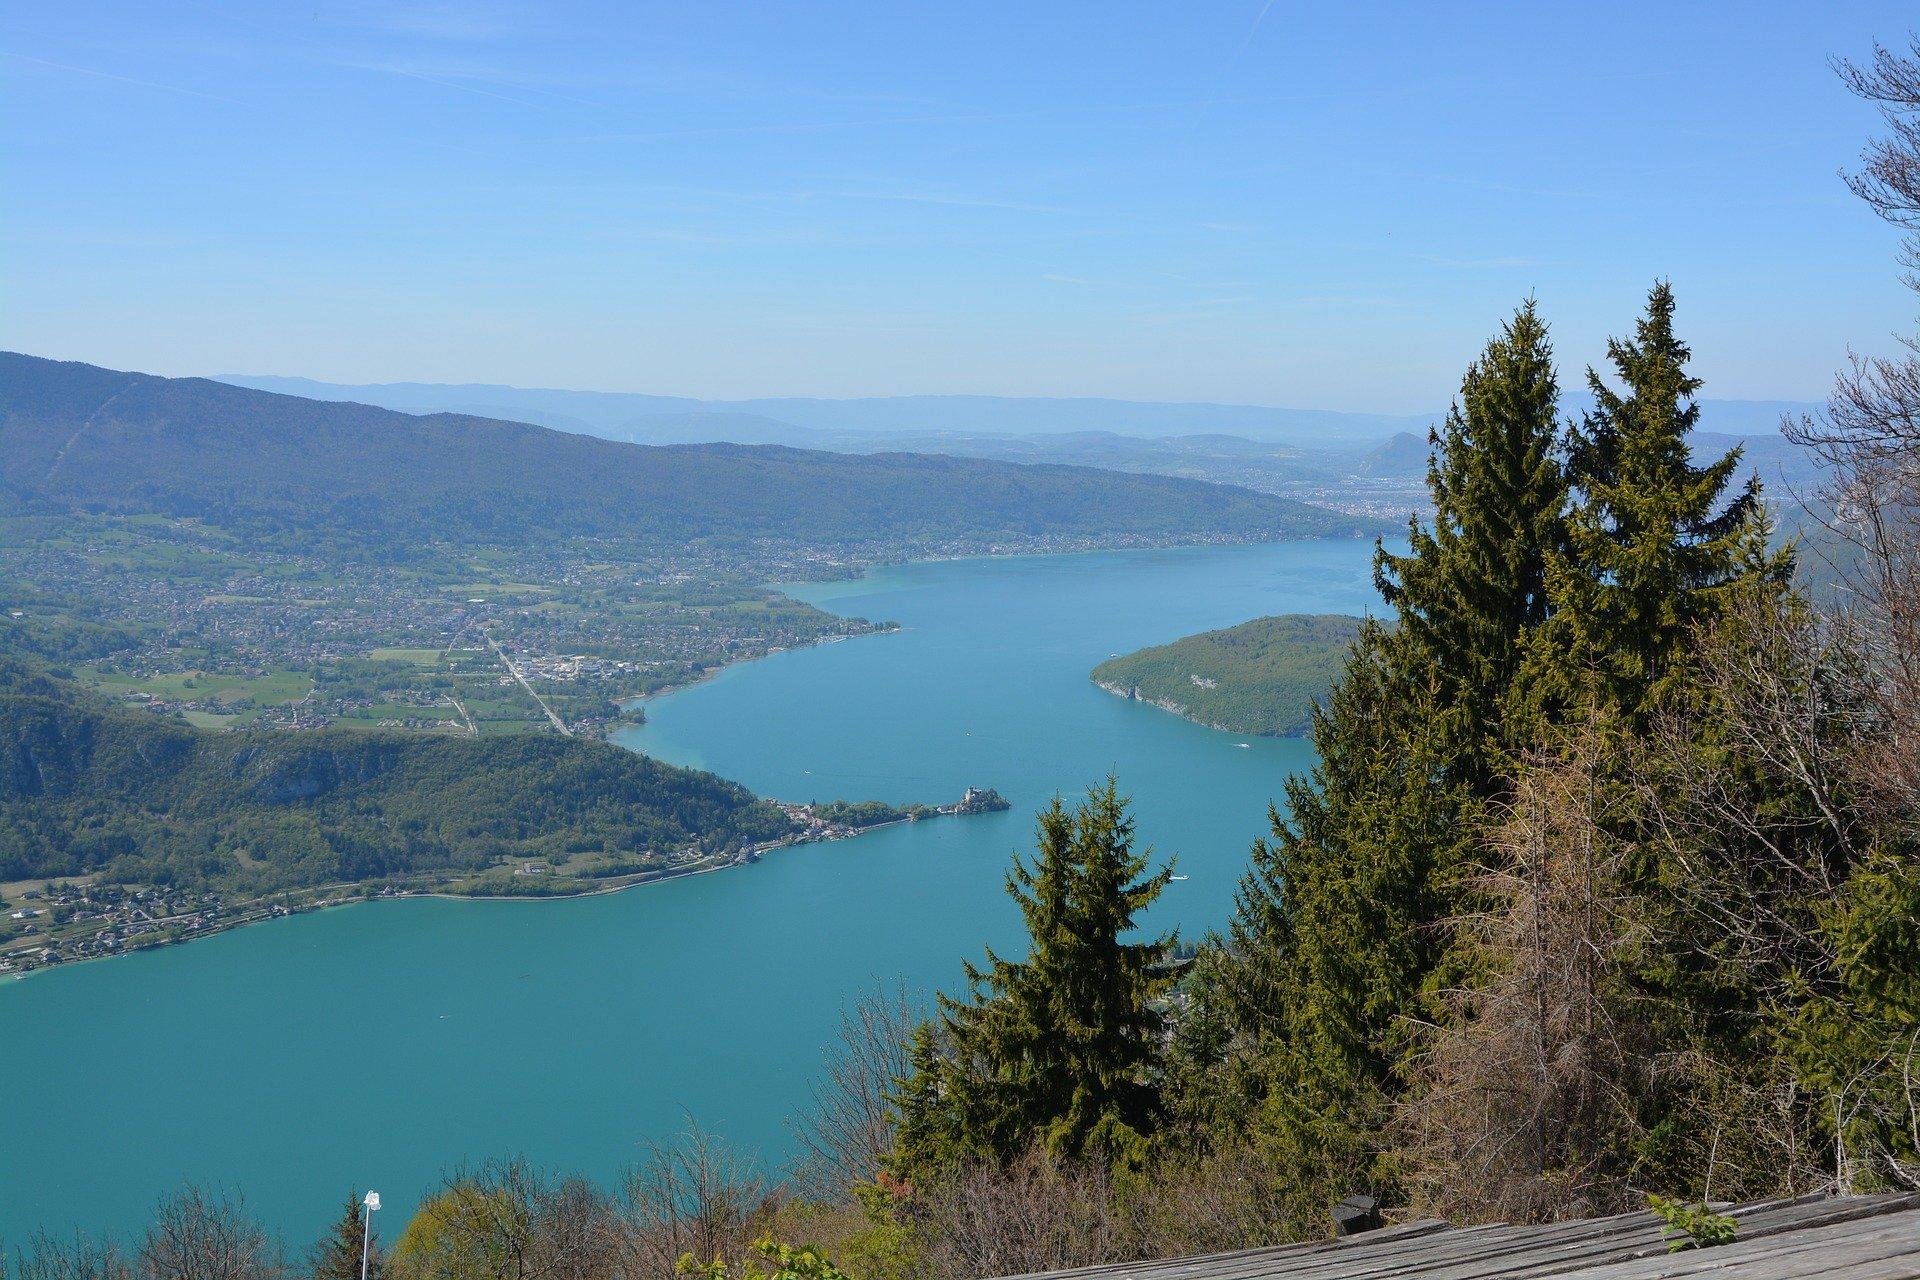 Grand Genève en France voisine, Annecy lac